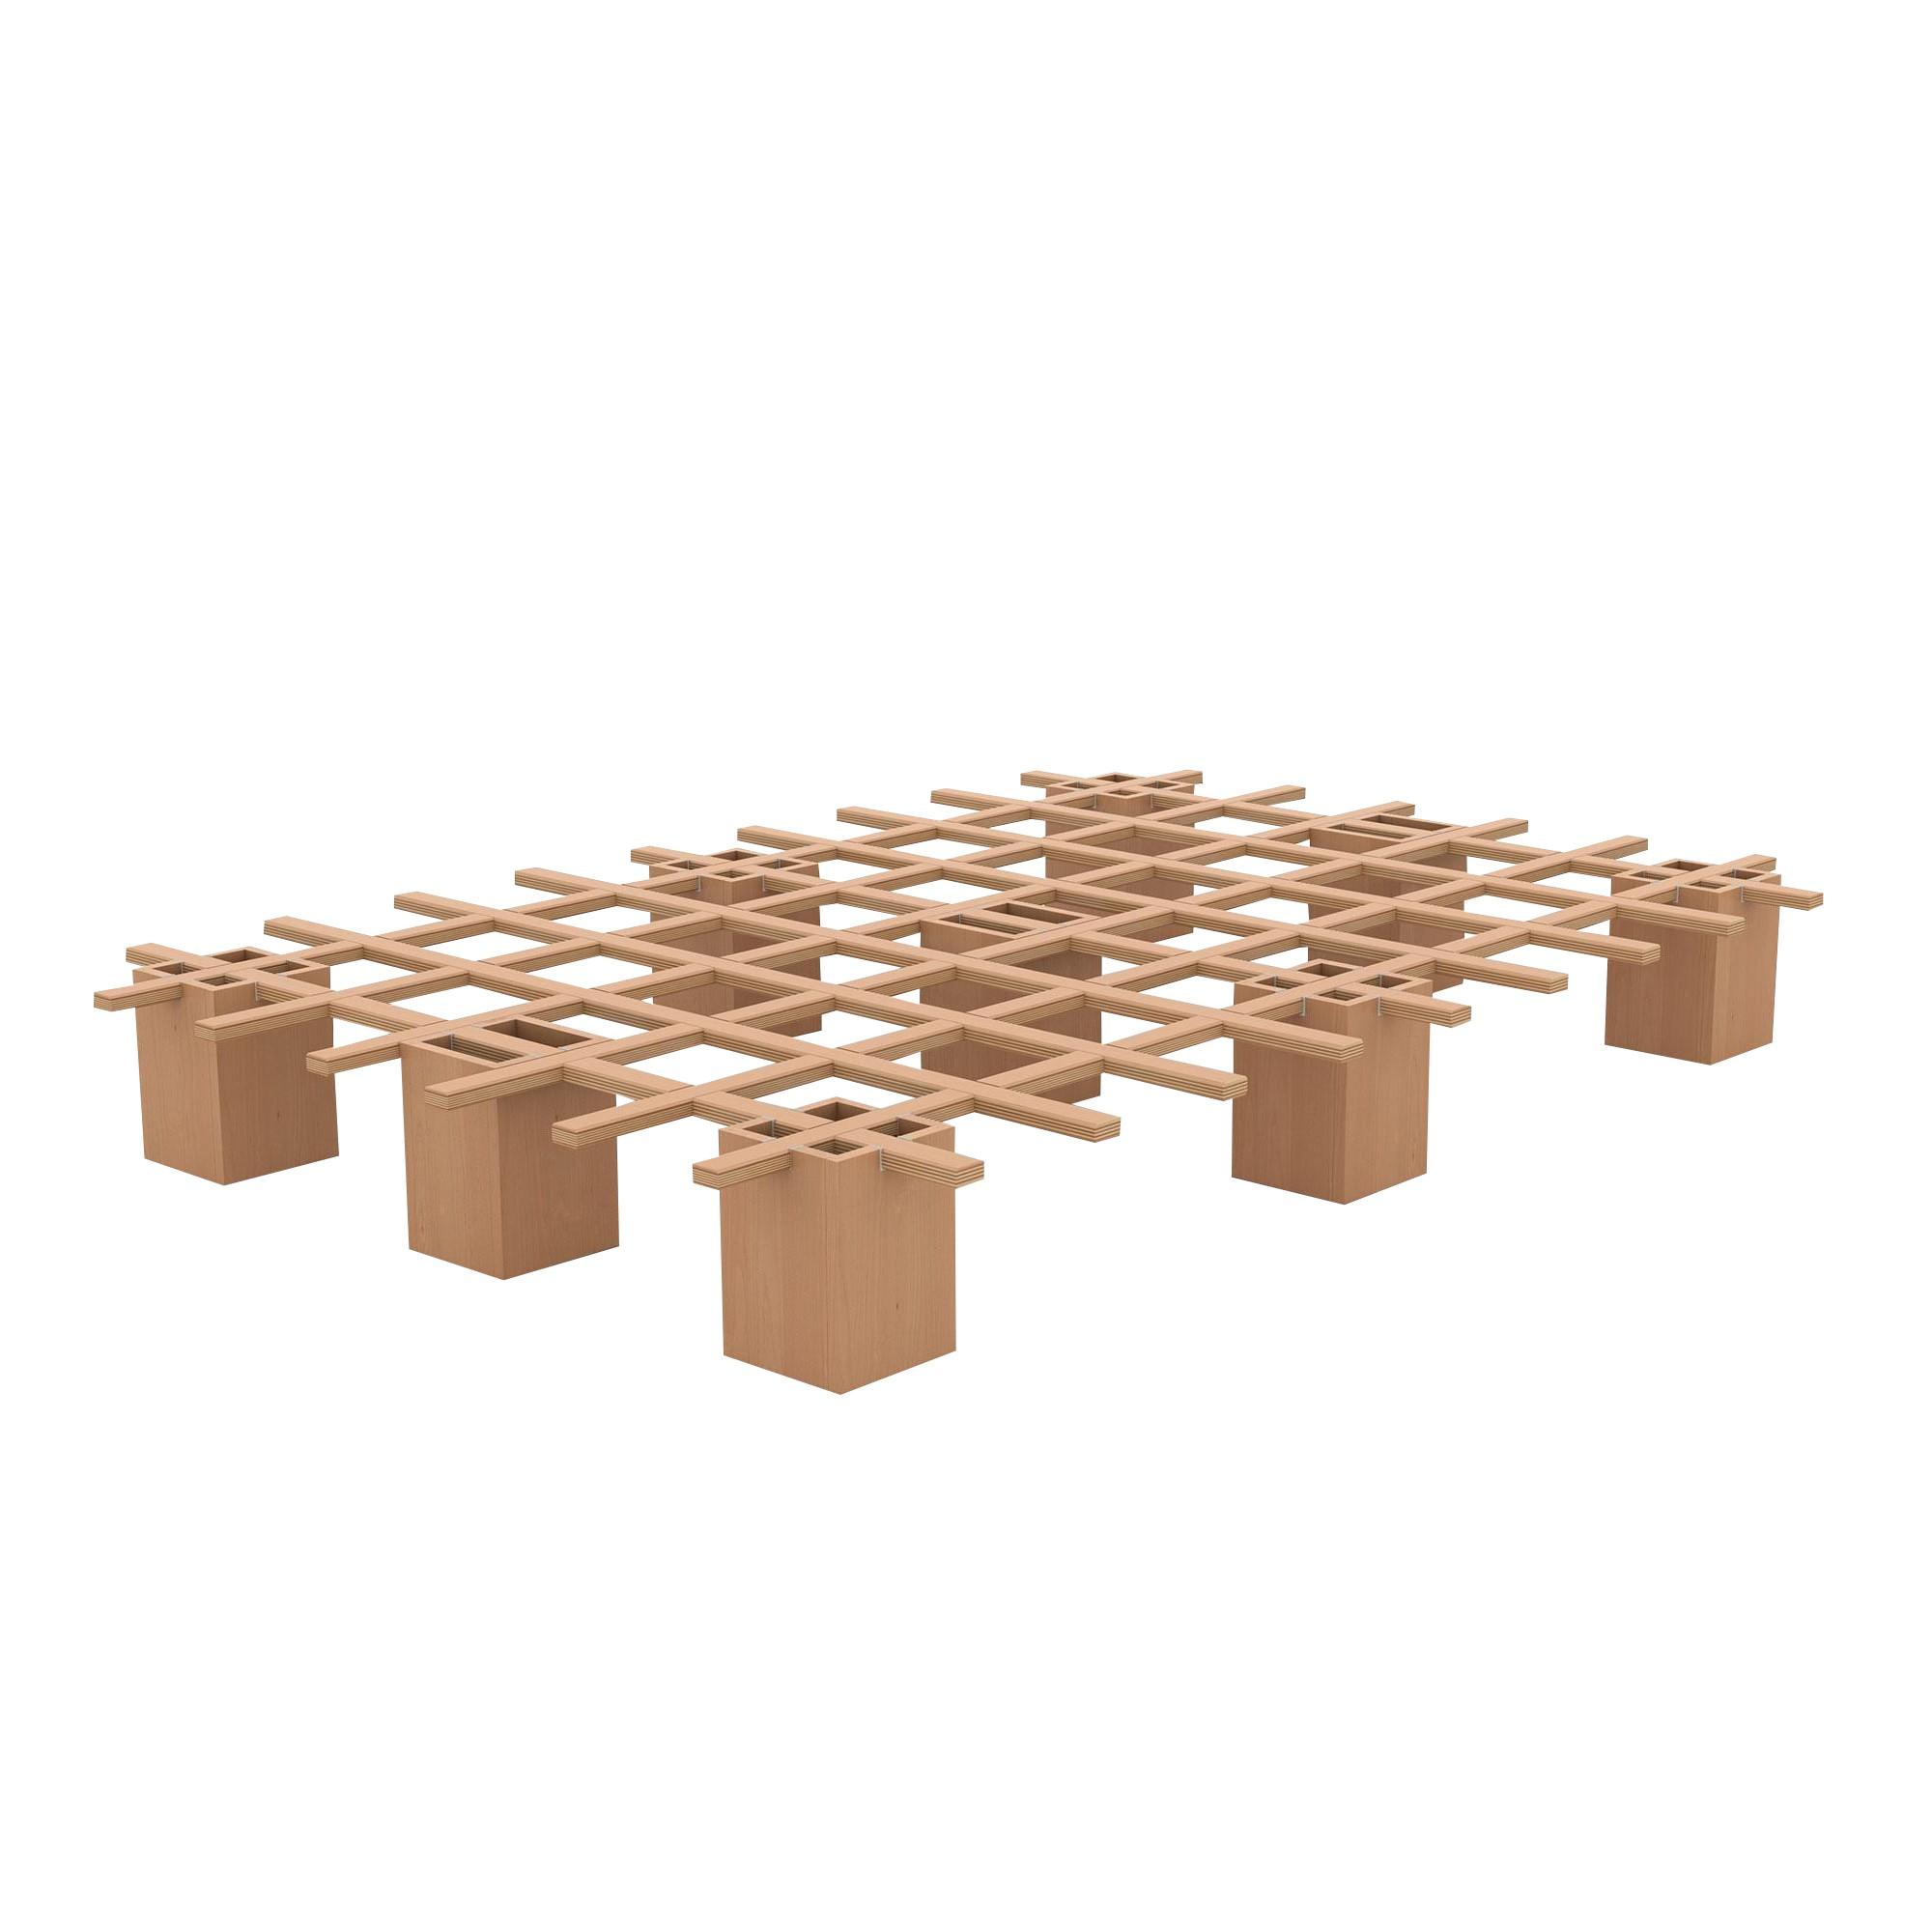 Full Size of Tojo System Bett Ambientedirect Weisses Schlafzimmer Set Mit Boxspringbett 90x200 Weiß Buche Ebay Betten 180x200 Bettkasten Für übergewichtige 160x200 Bett Tojo Bett